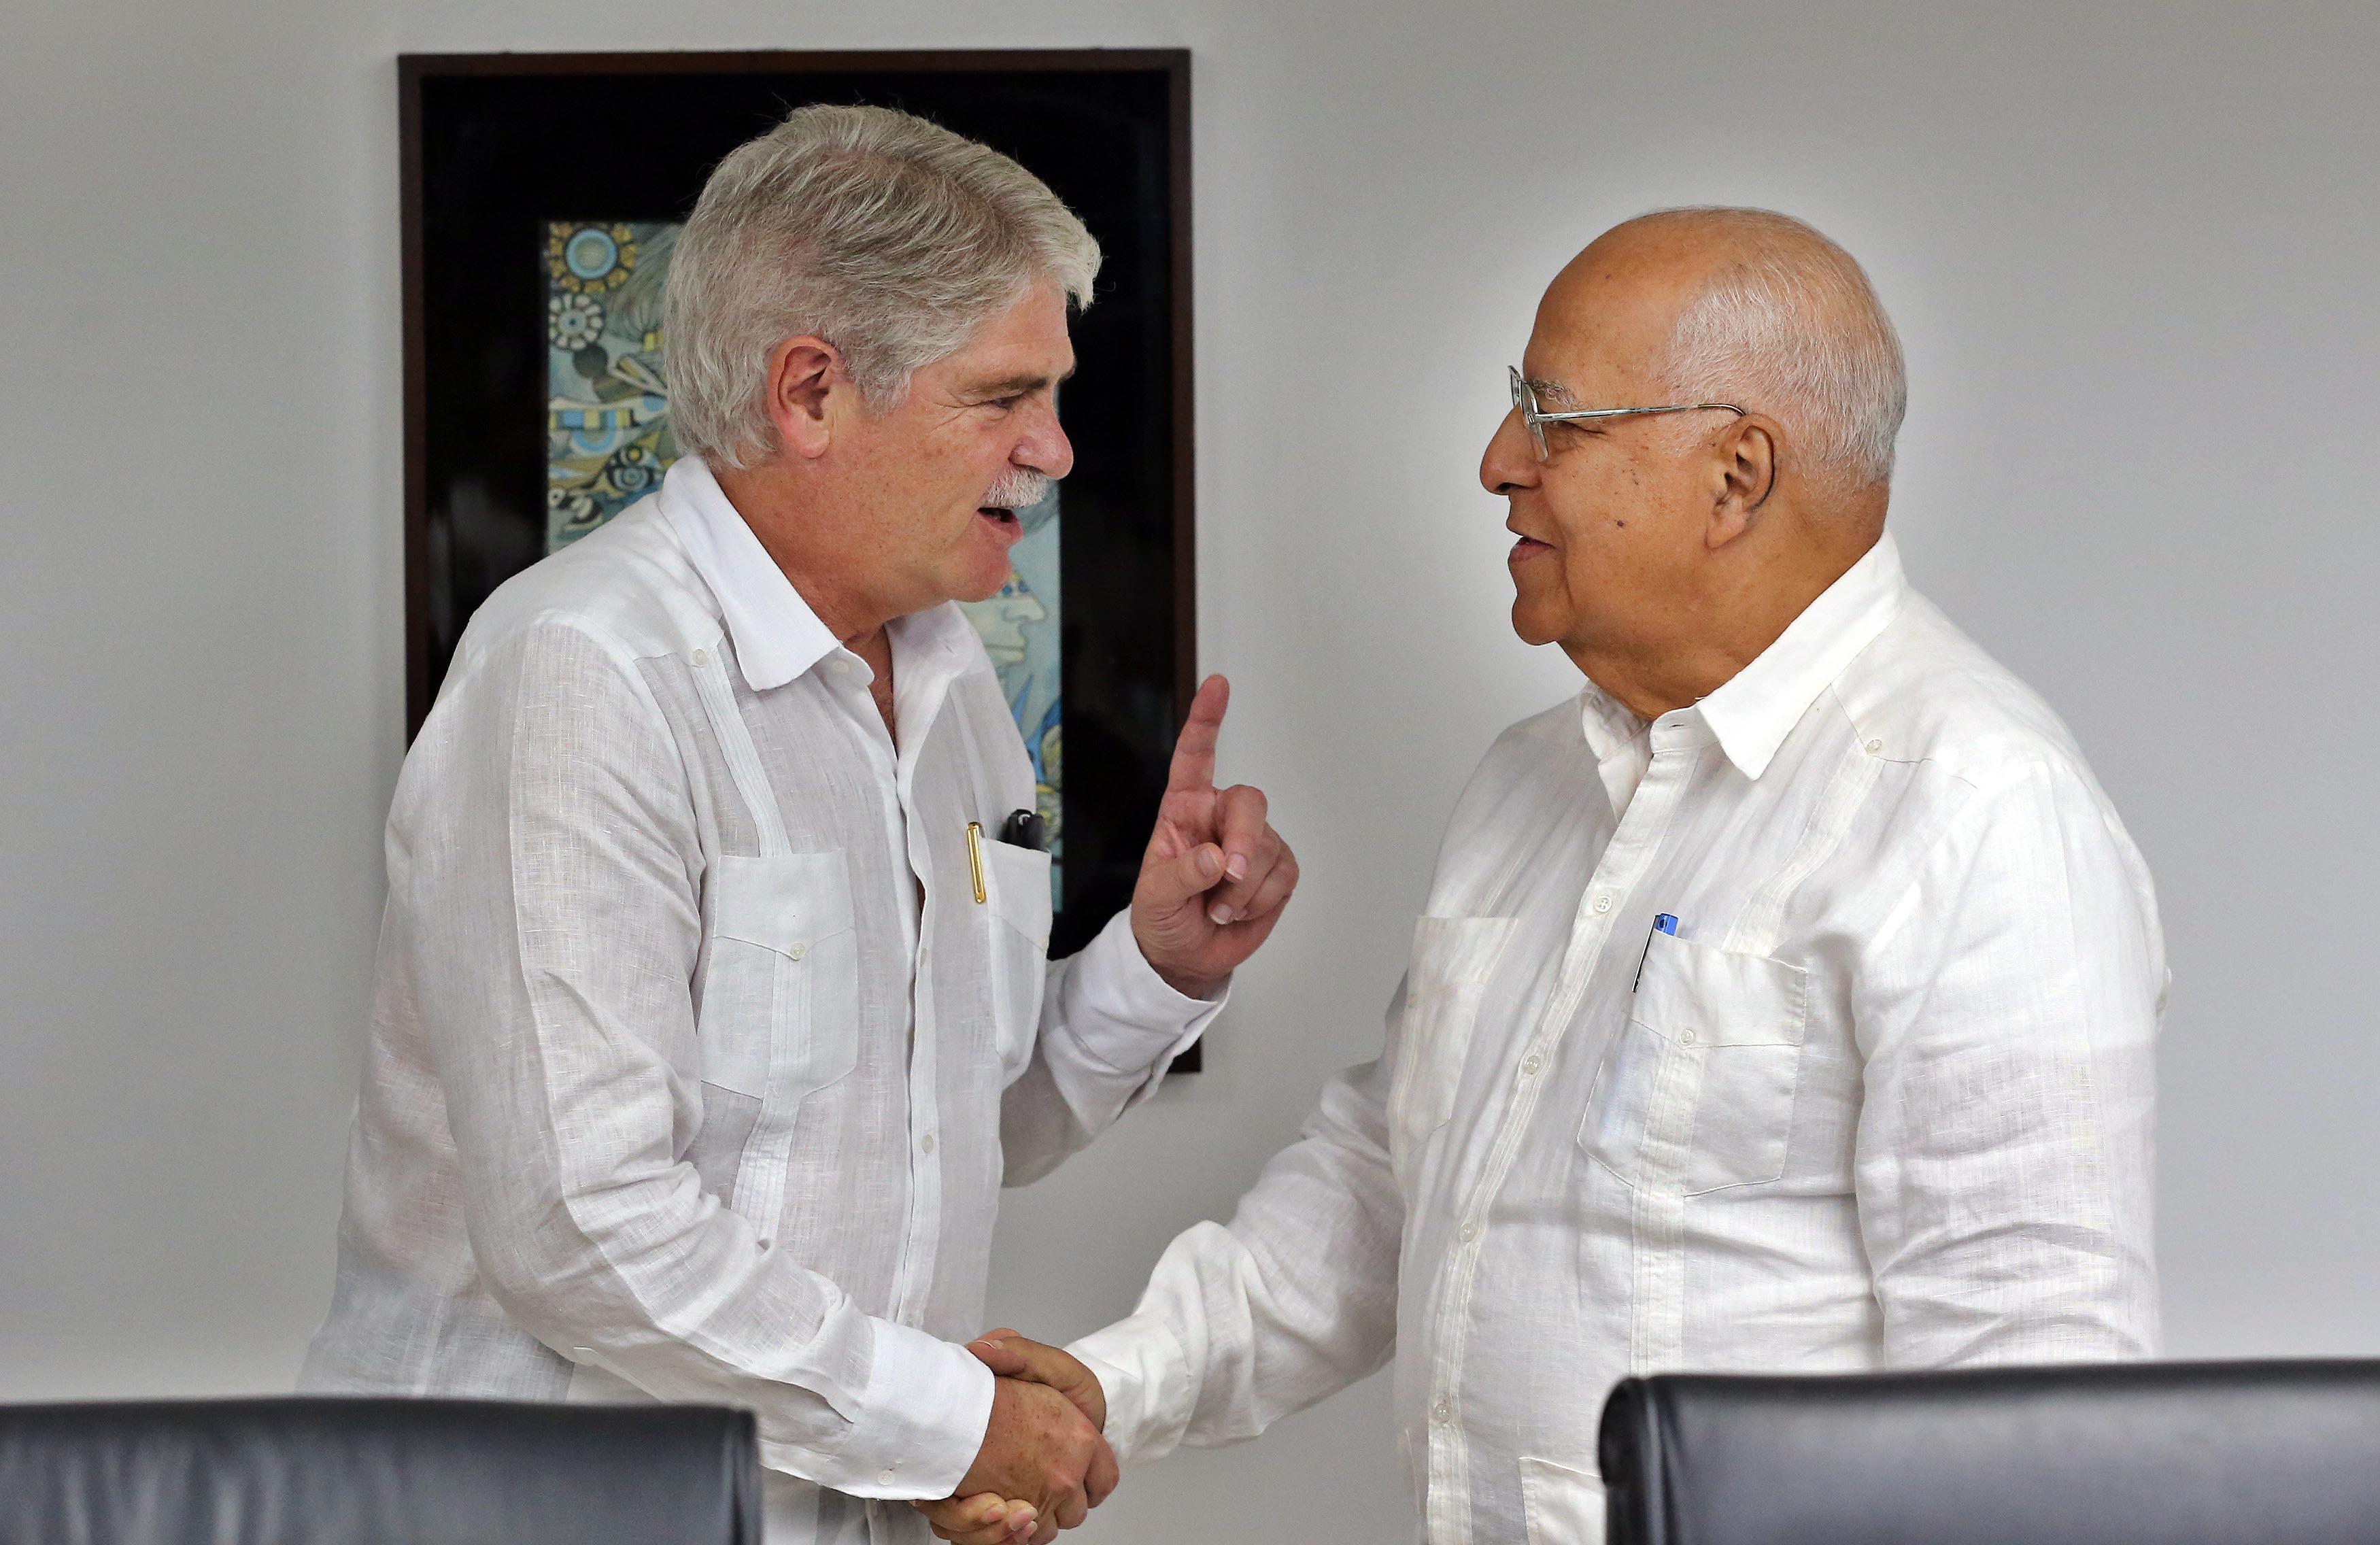 El ministro de Asuntos Exteriores y de Cooperación de España, Alfonso Dastis (izquierda), y el vicepresidente y ministro de Economía cubano, Ricardo Cabrisas se reúnen este miércoles en La Habana. Foto: Alejandro Ernesto / EFE.